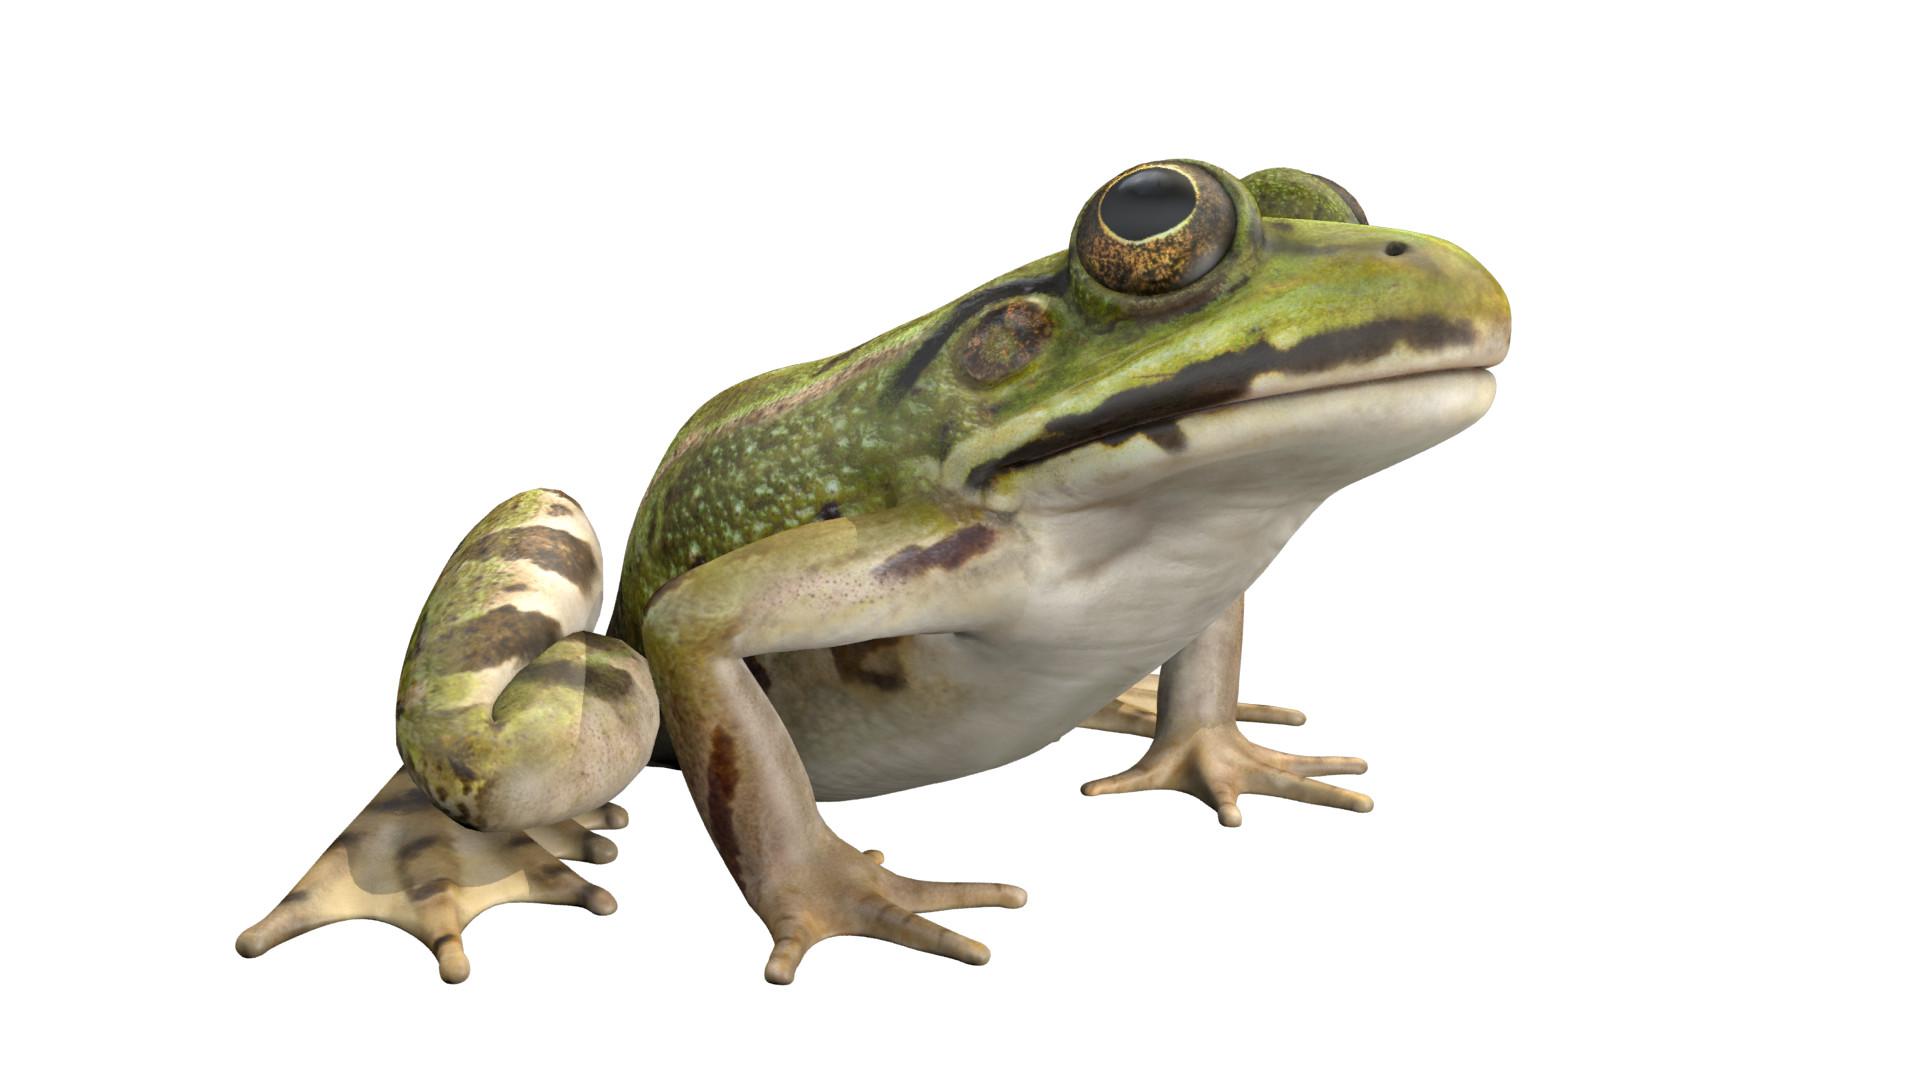 Alan kichl frog